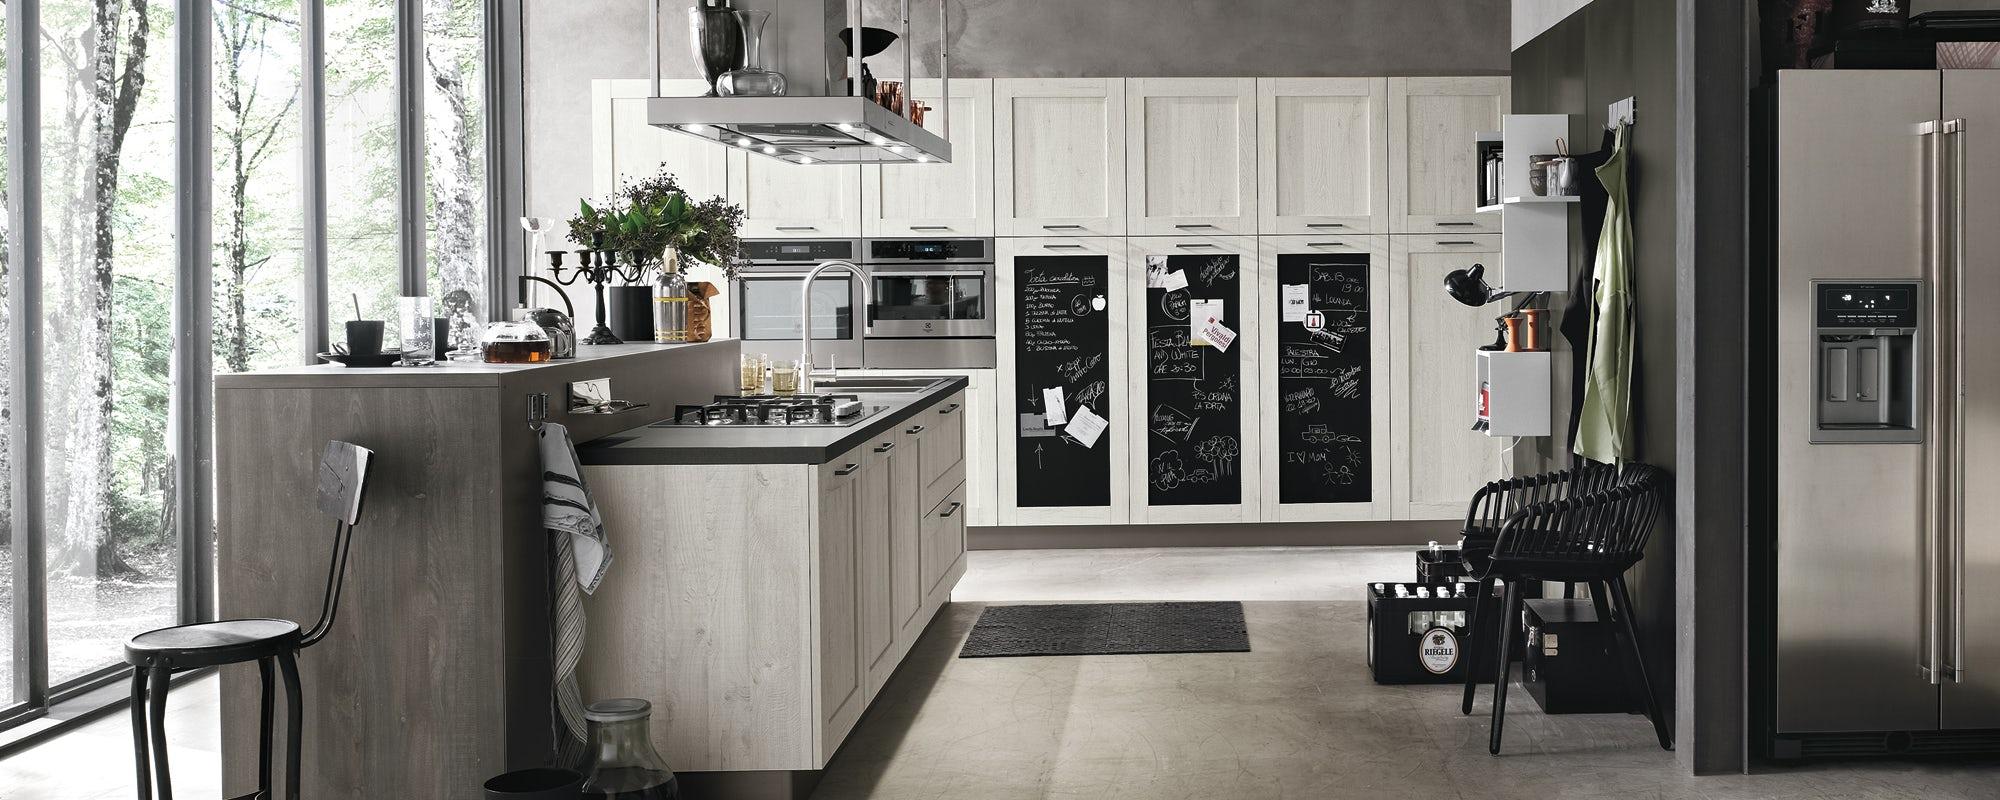 Se si sceglie una cucina soggiorno, ci sono anche notevoli vantaggi dal punto di vista pratico. Open Space 7 Idee Per Dividere Cucina E Soggiorno Arredi Alvaro